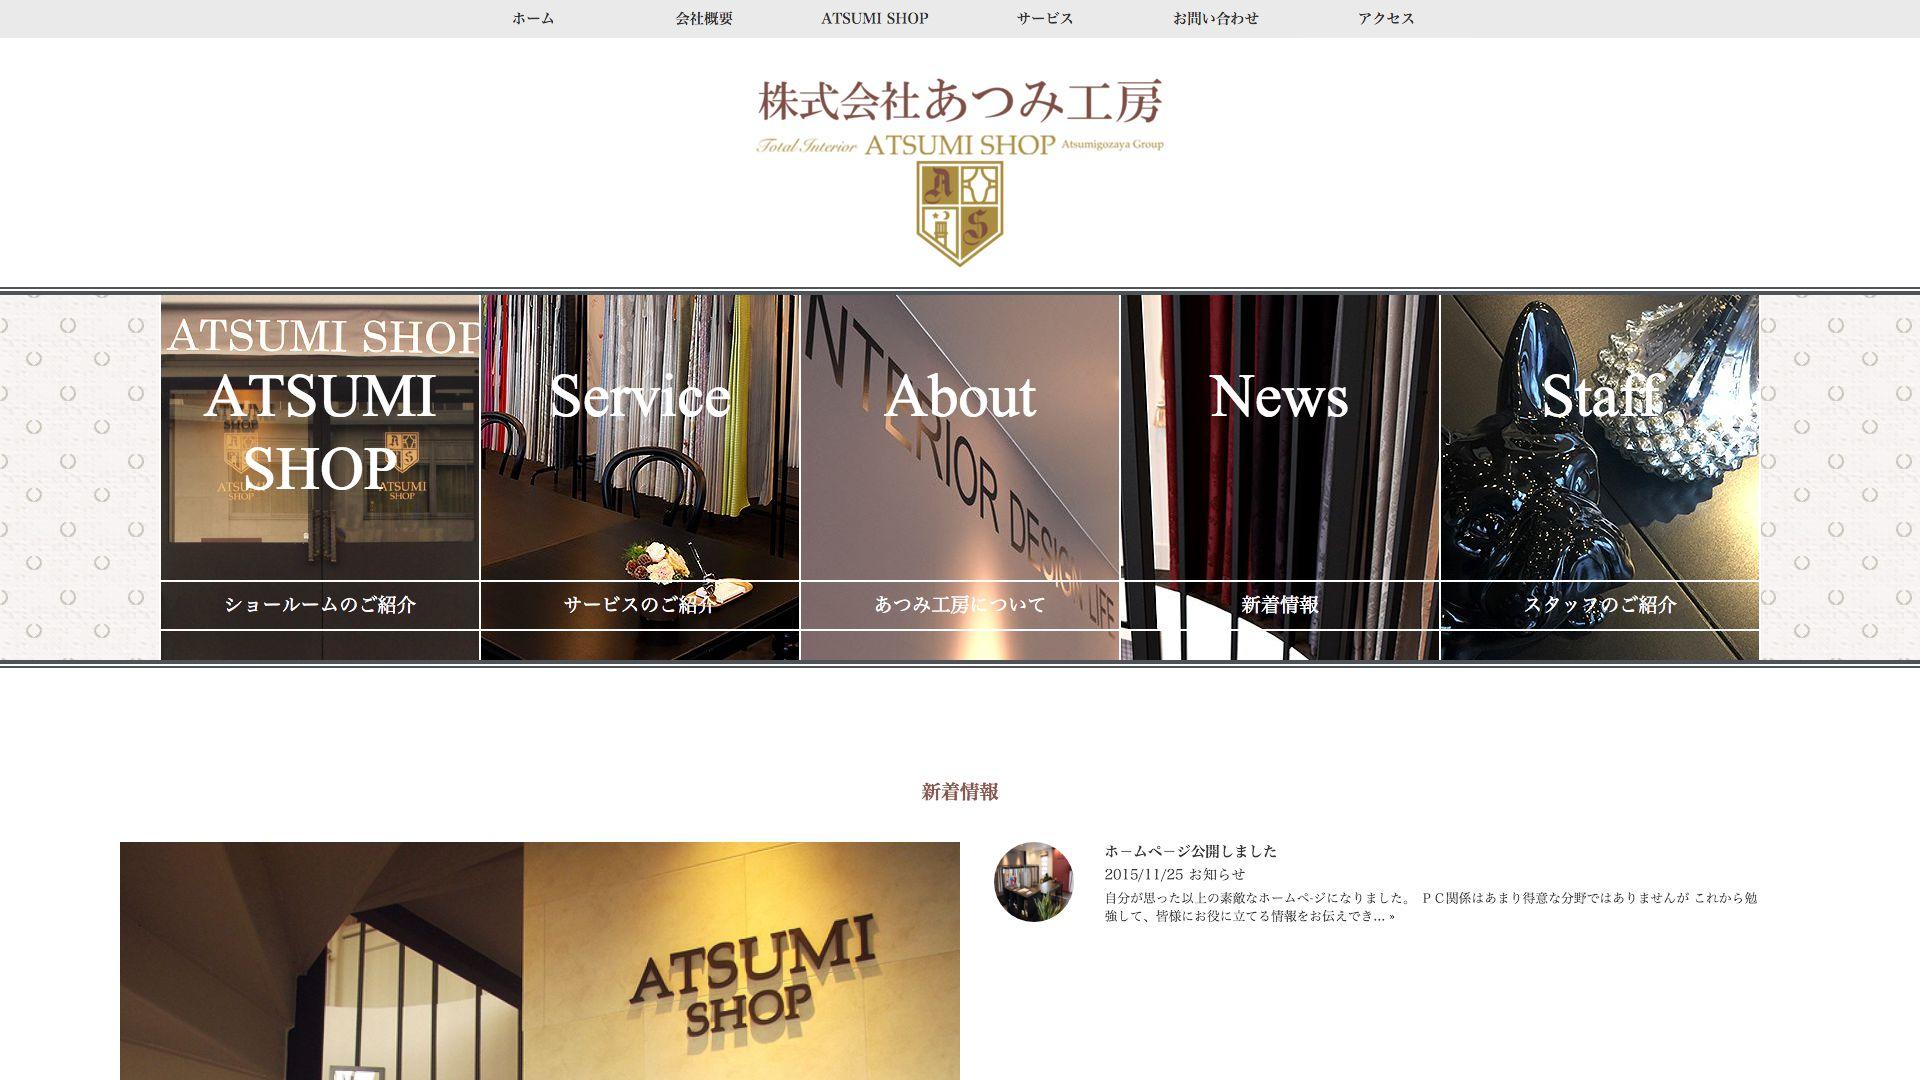 実績紹介: 株式会社あつみ工房 ATSUMI SHOP様